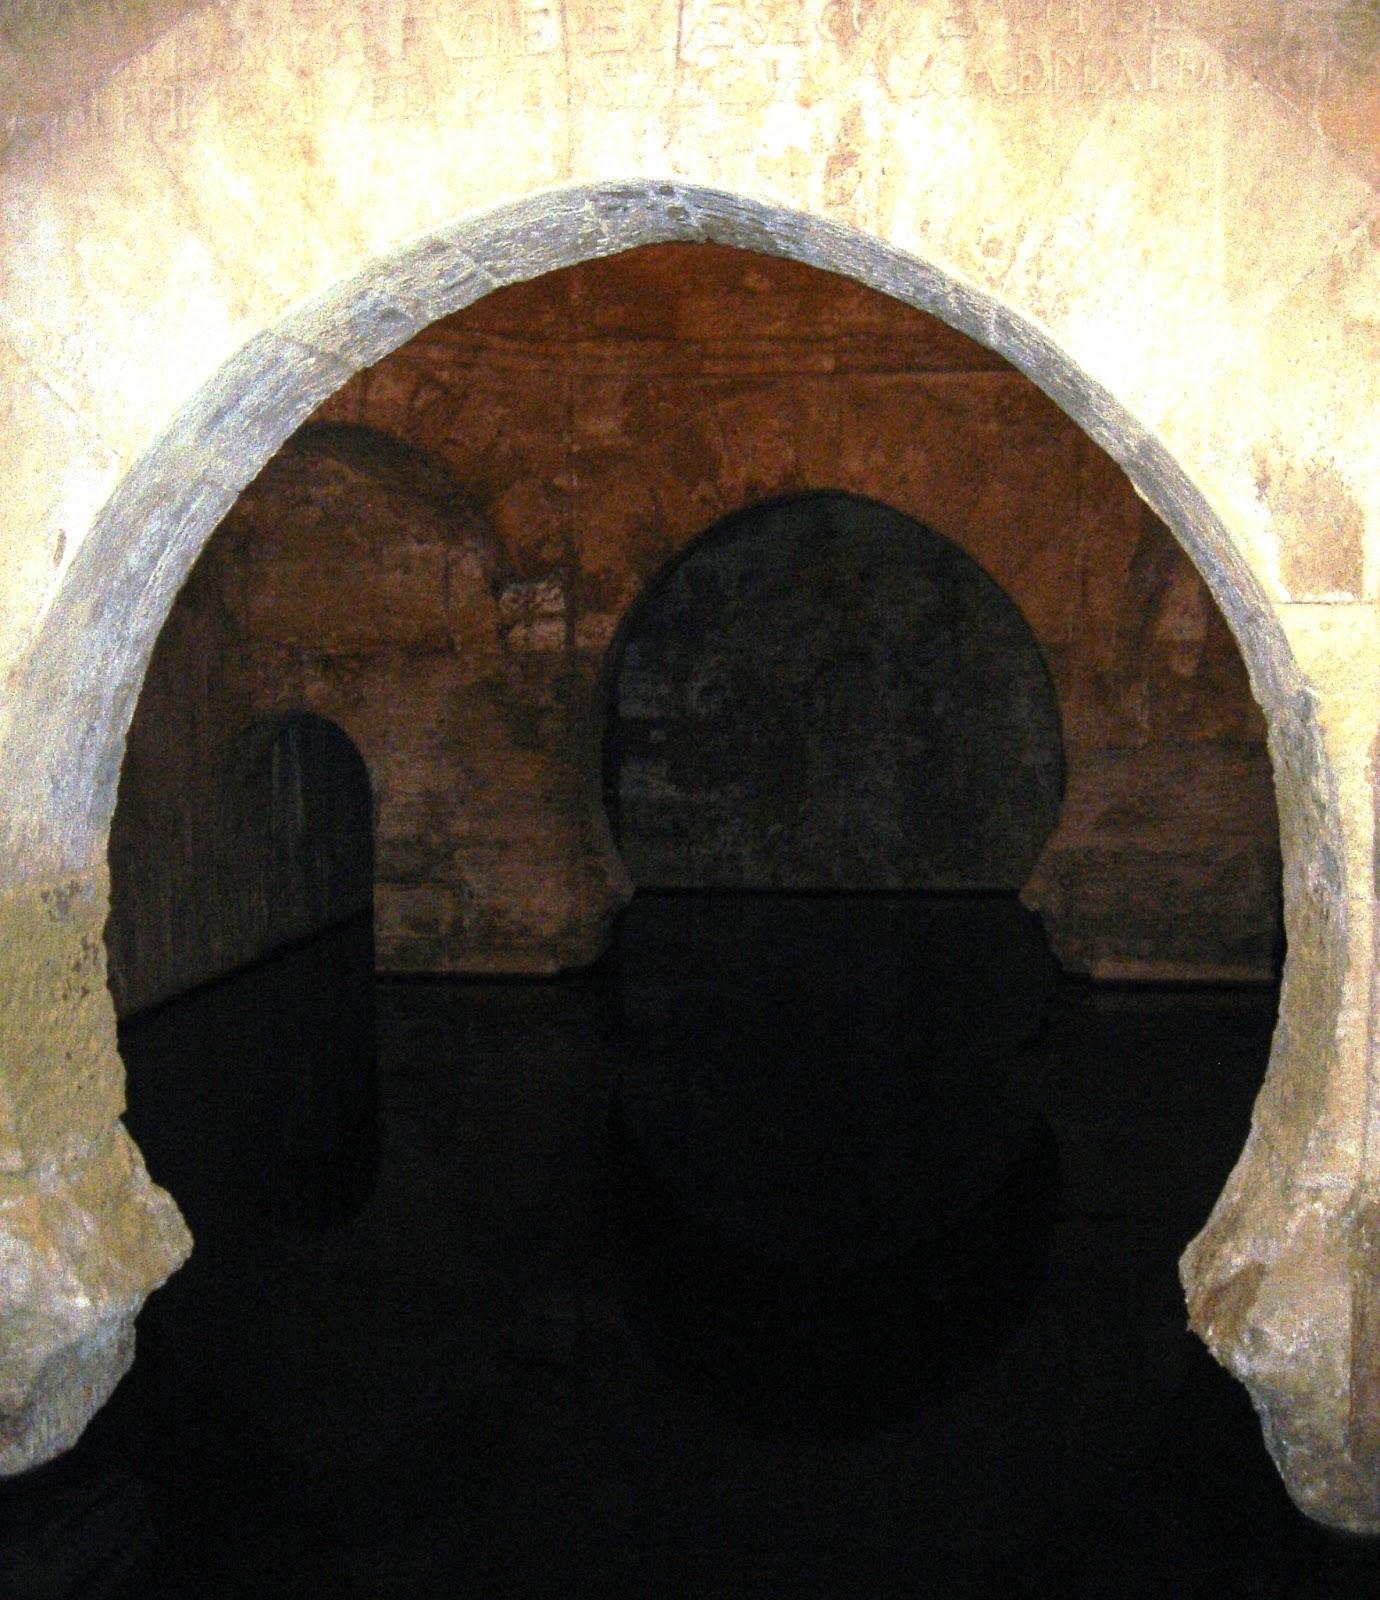 Baños Romanos Granada:Baños romanos de Alhama de Granada, rehechos en su mayor parte en